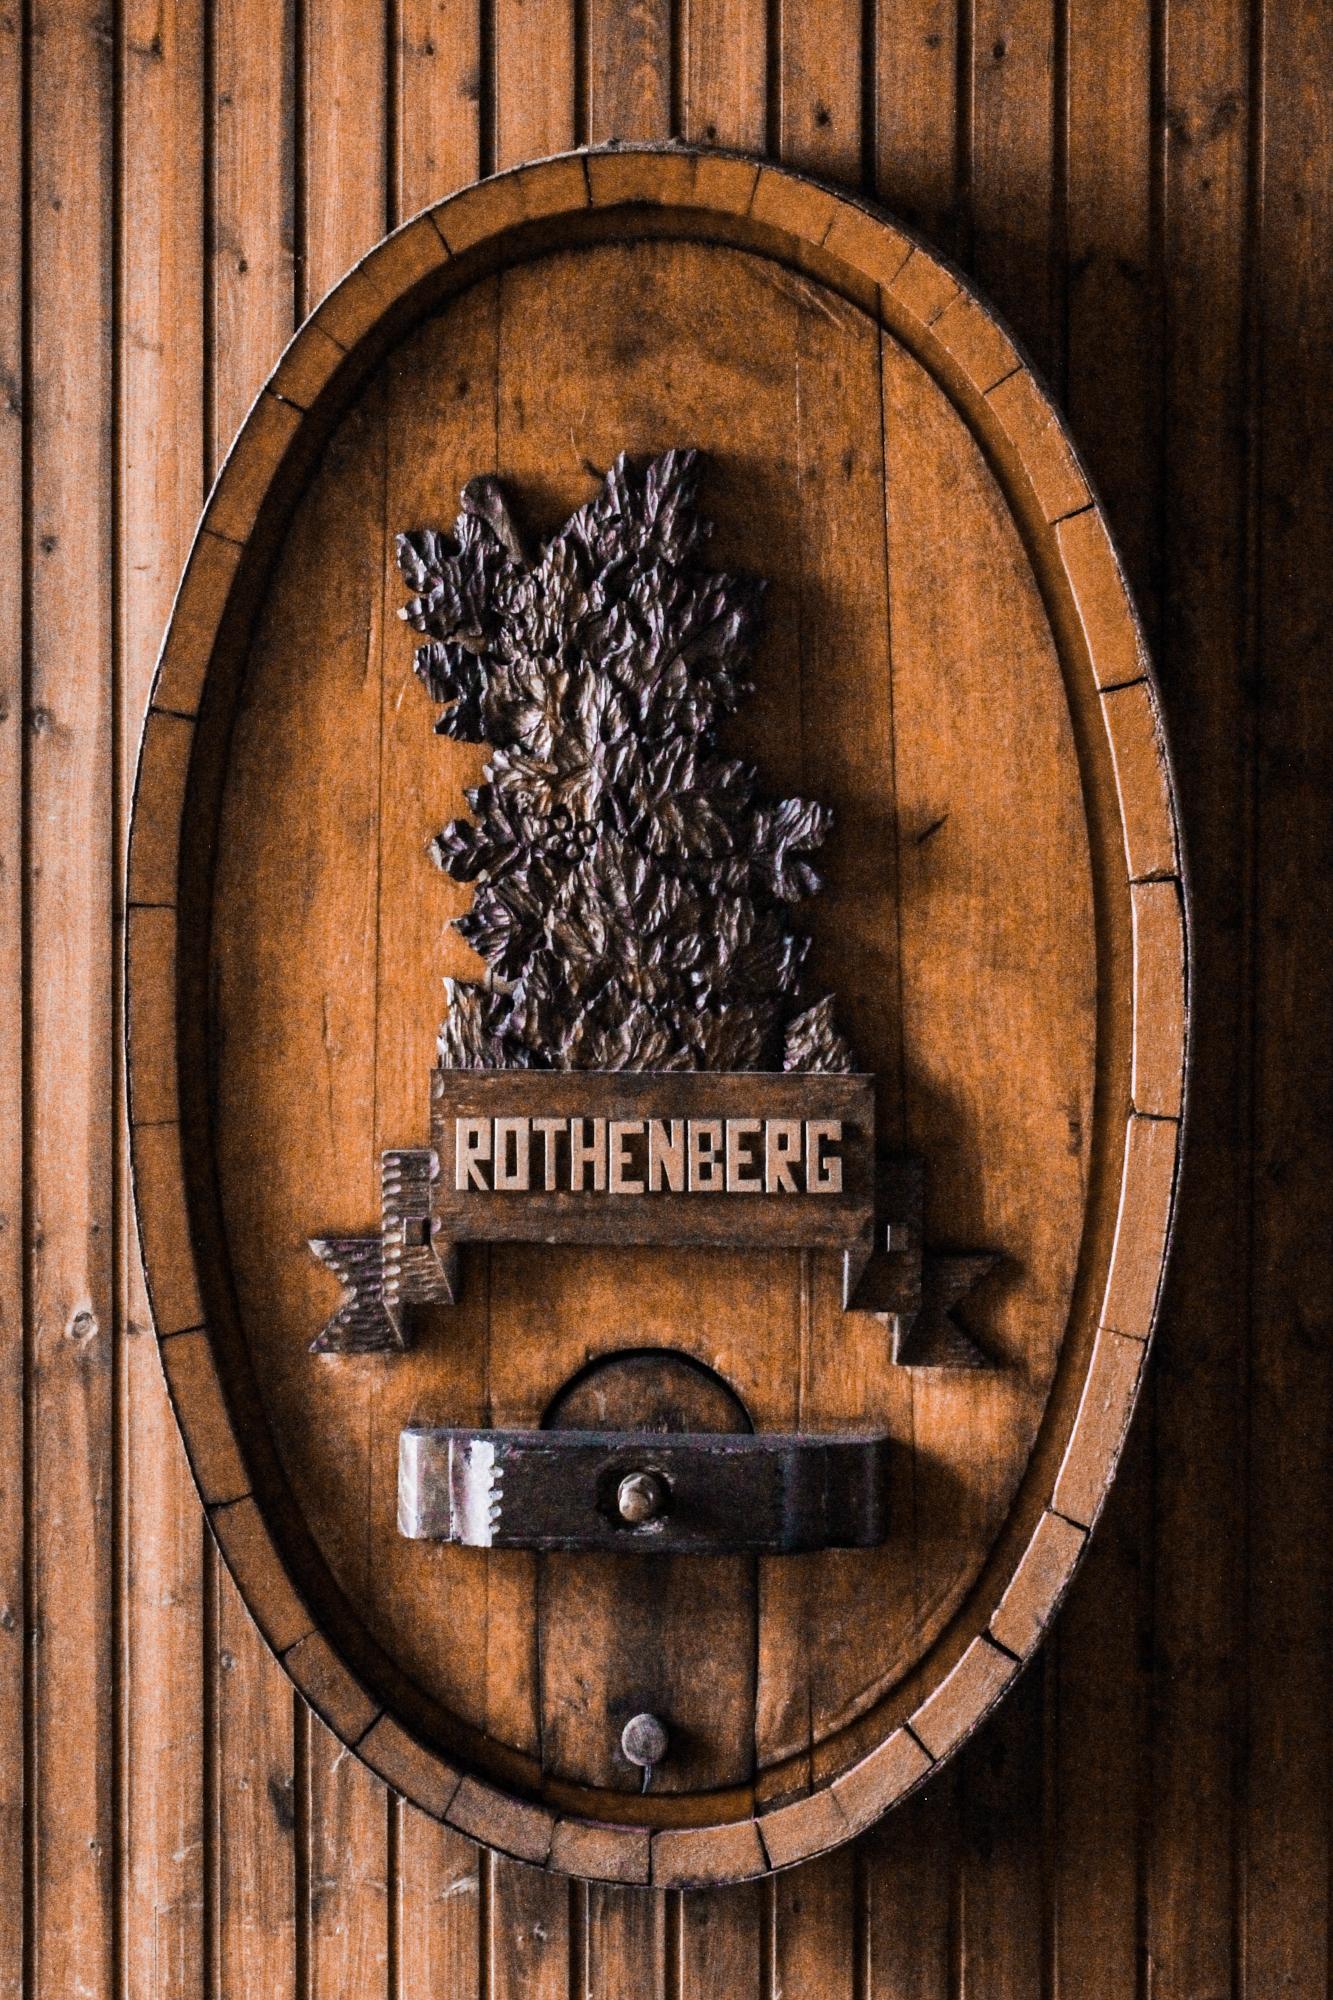 Fassspiegel Rothenberg